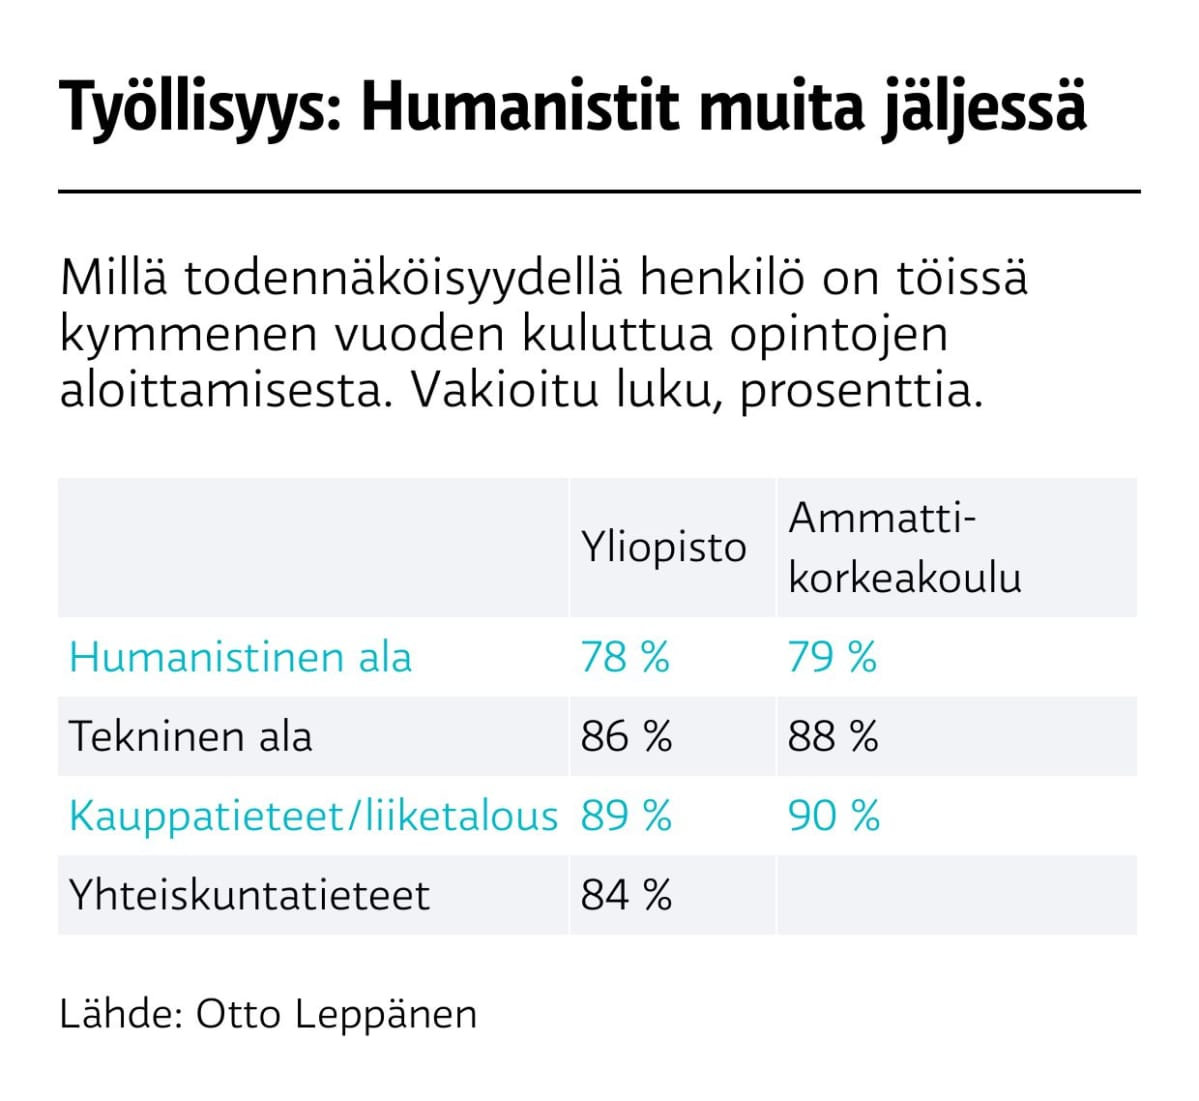 Työllisyys: Humanistit muitajäljessä